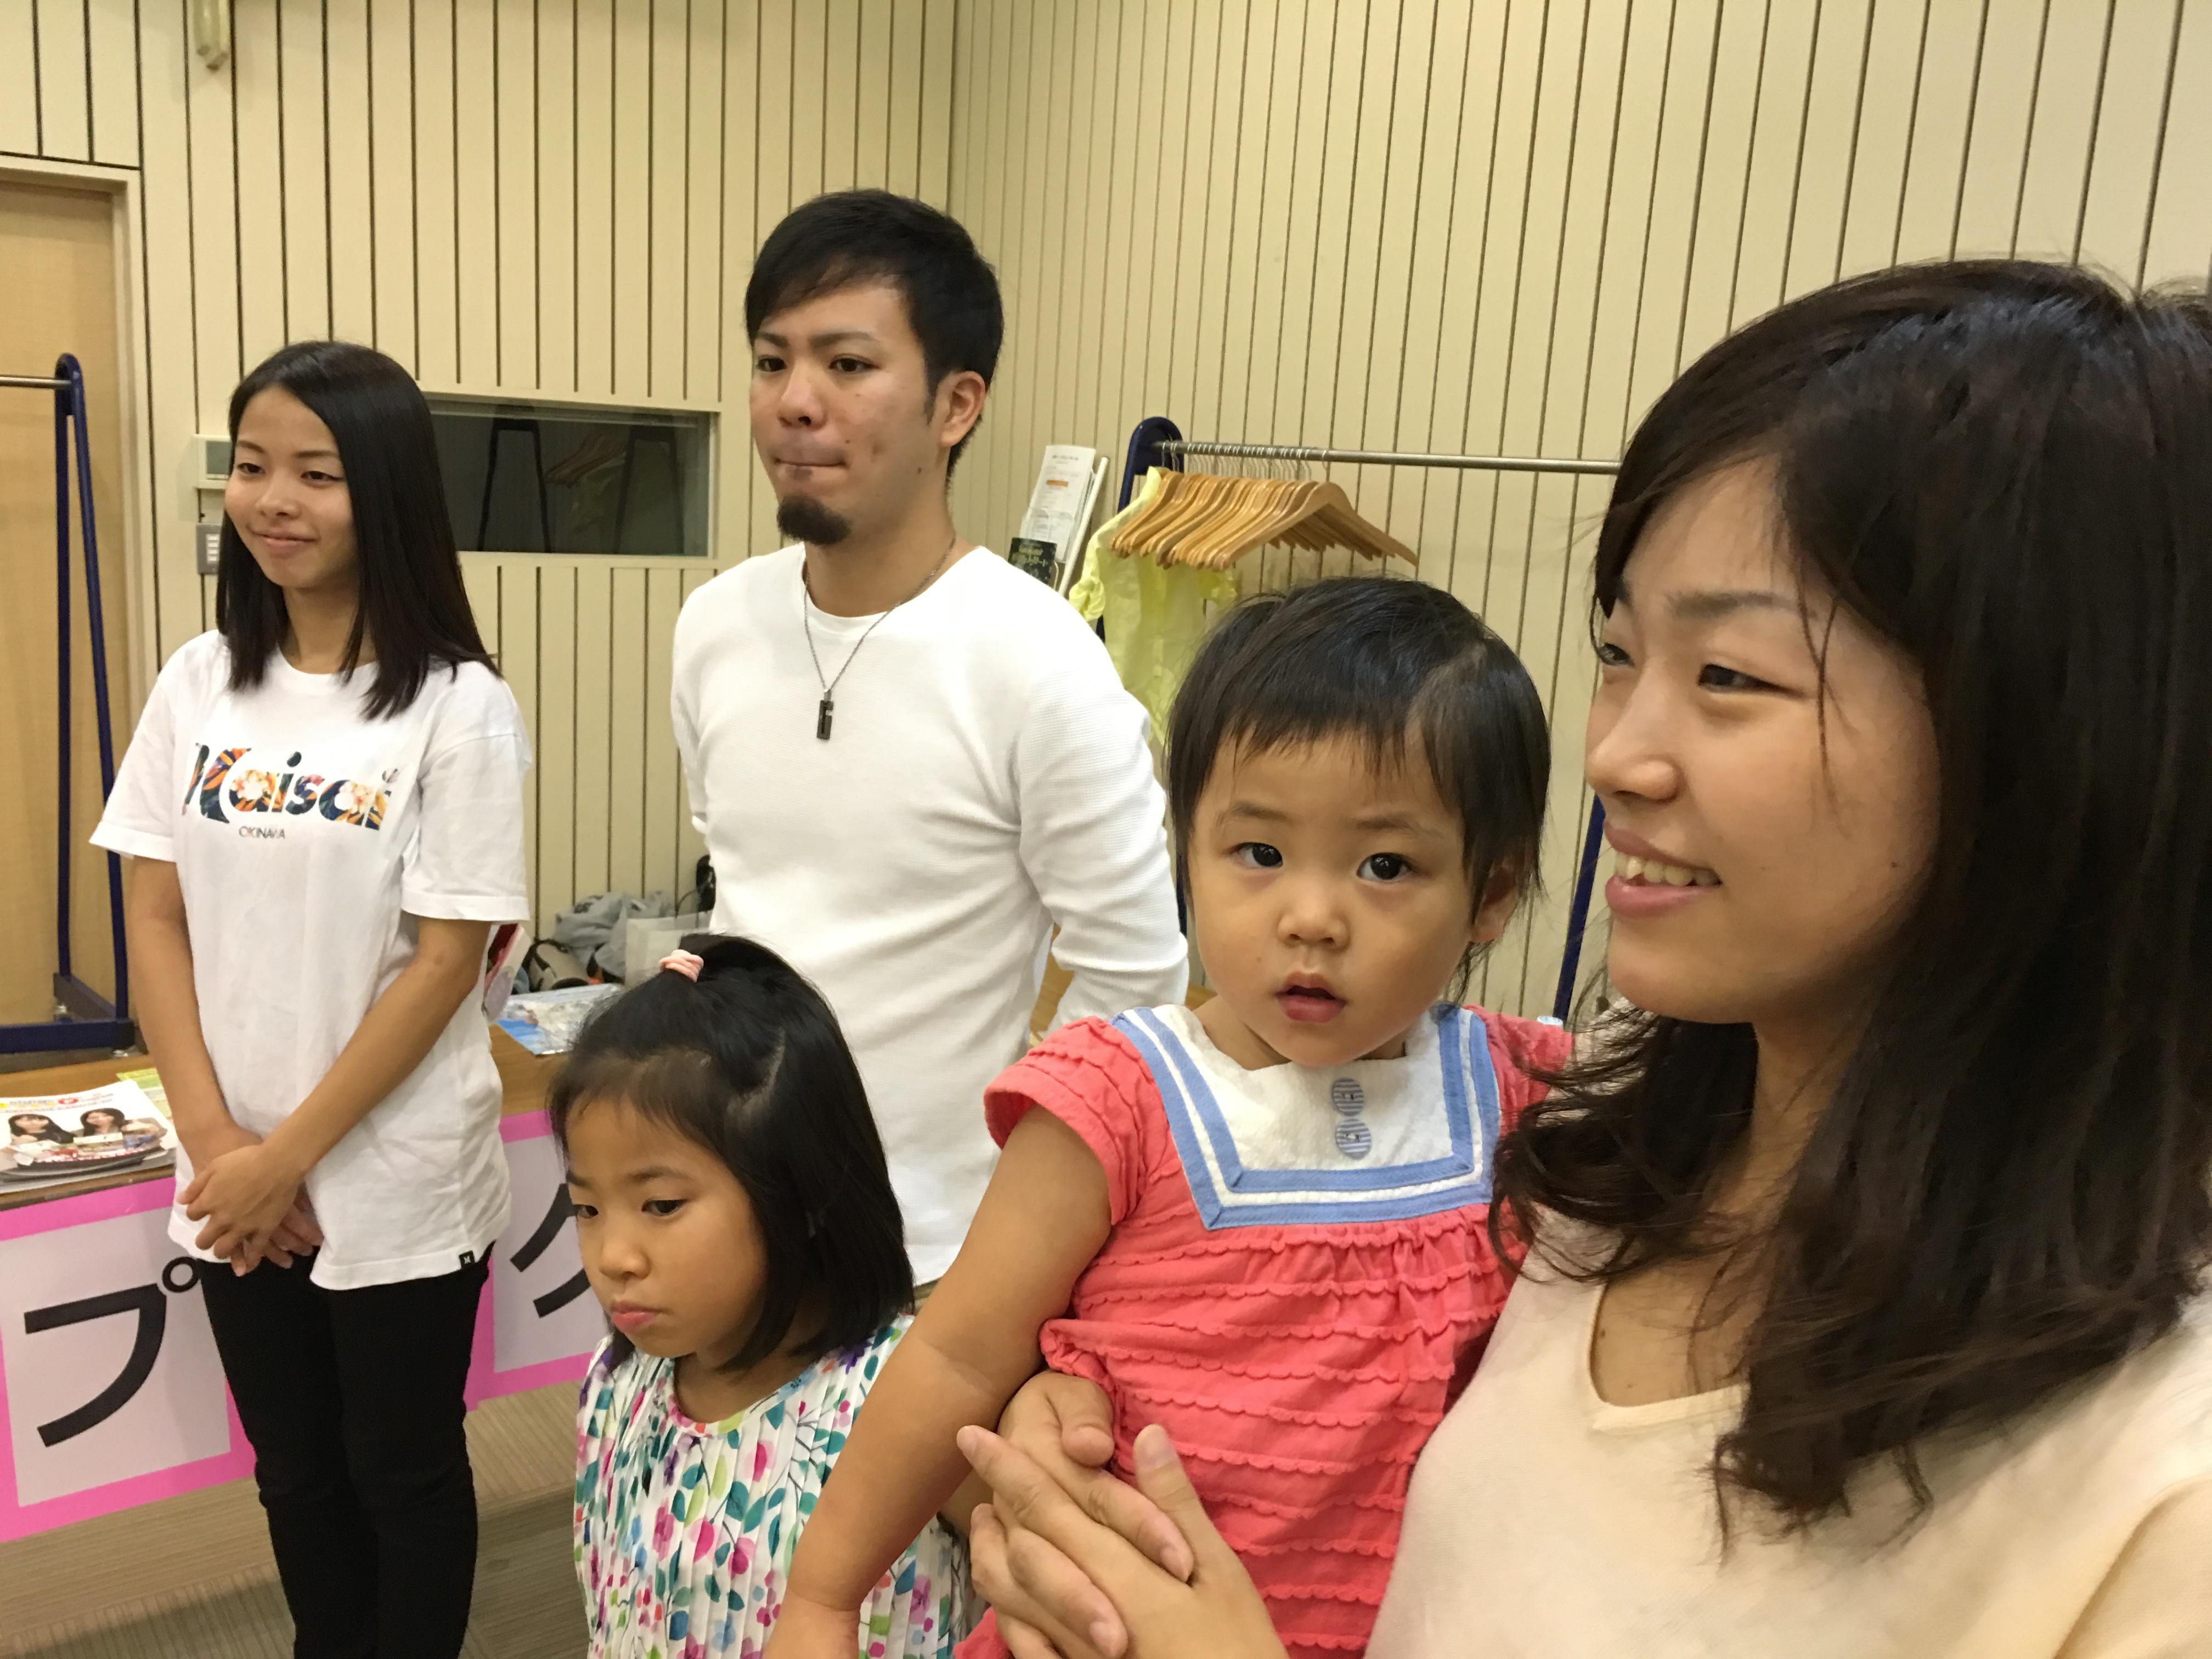 親力プログラム通信を受講している ママ達も‼️ 北九州からもひーろーちえちゃん来てくれて 講演会を支えてくれています。